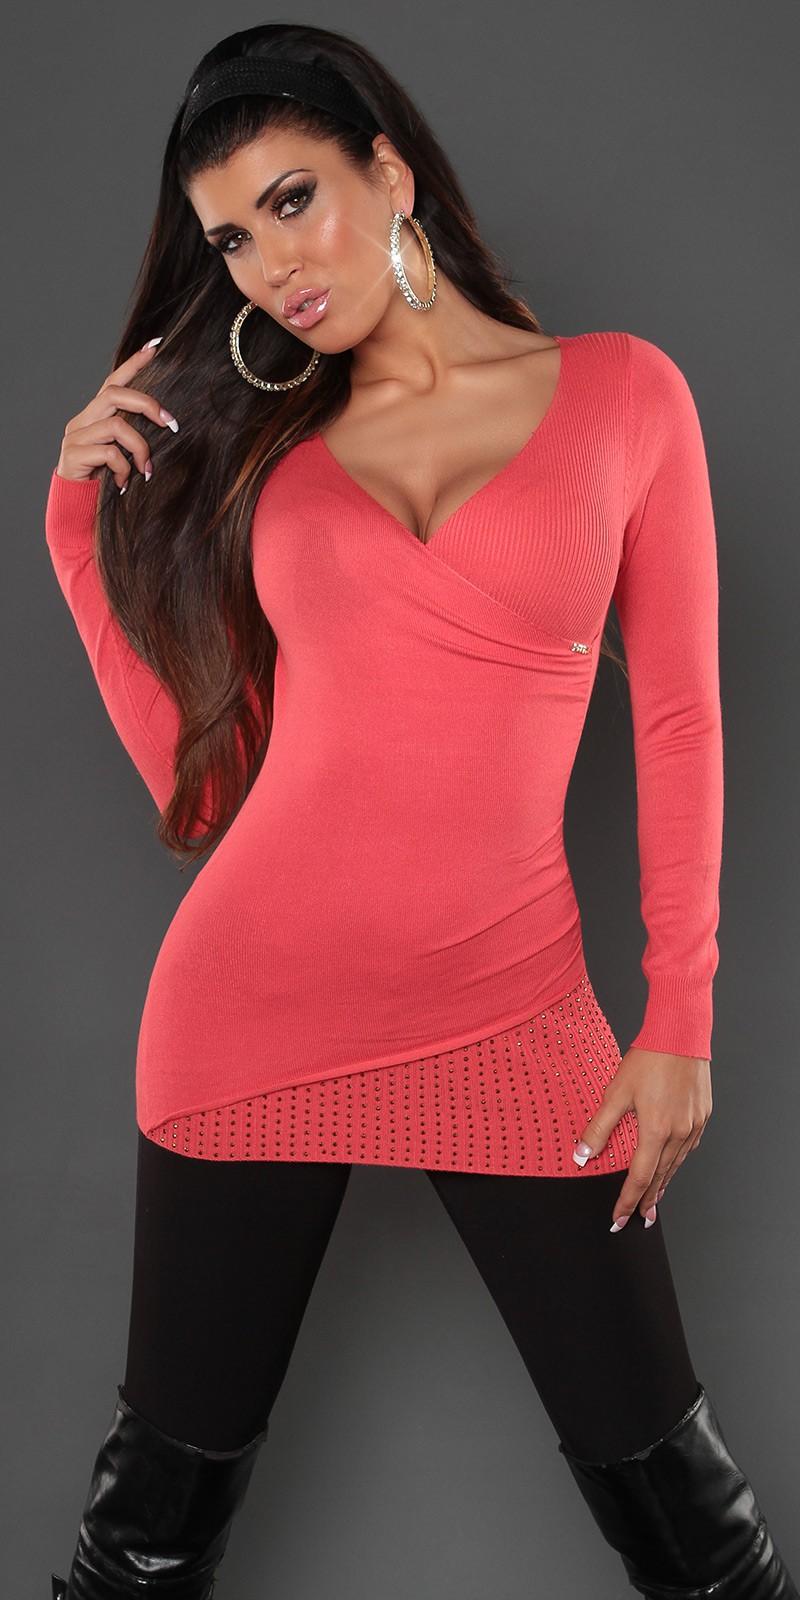 Strasszos masnis szexi dekoltázsú női pulóver felső - Több szín S M  Szállítási idő  5-10 nap 1795a21c9c